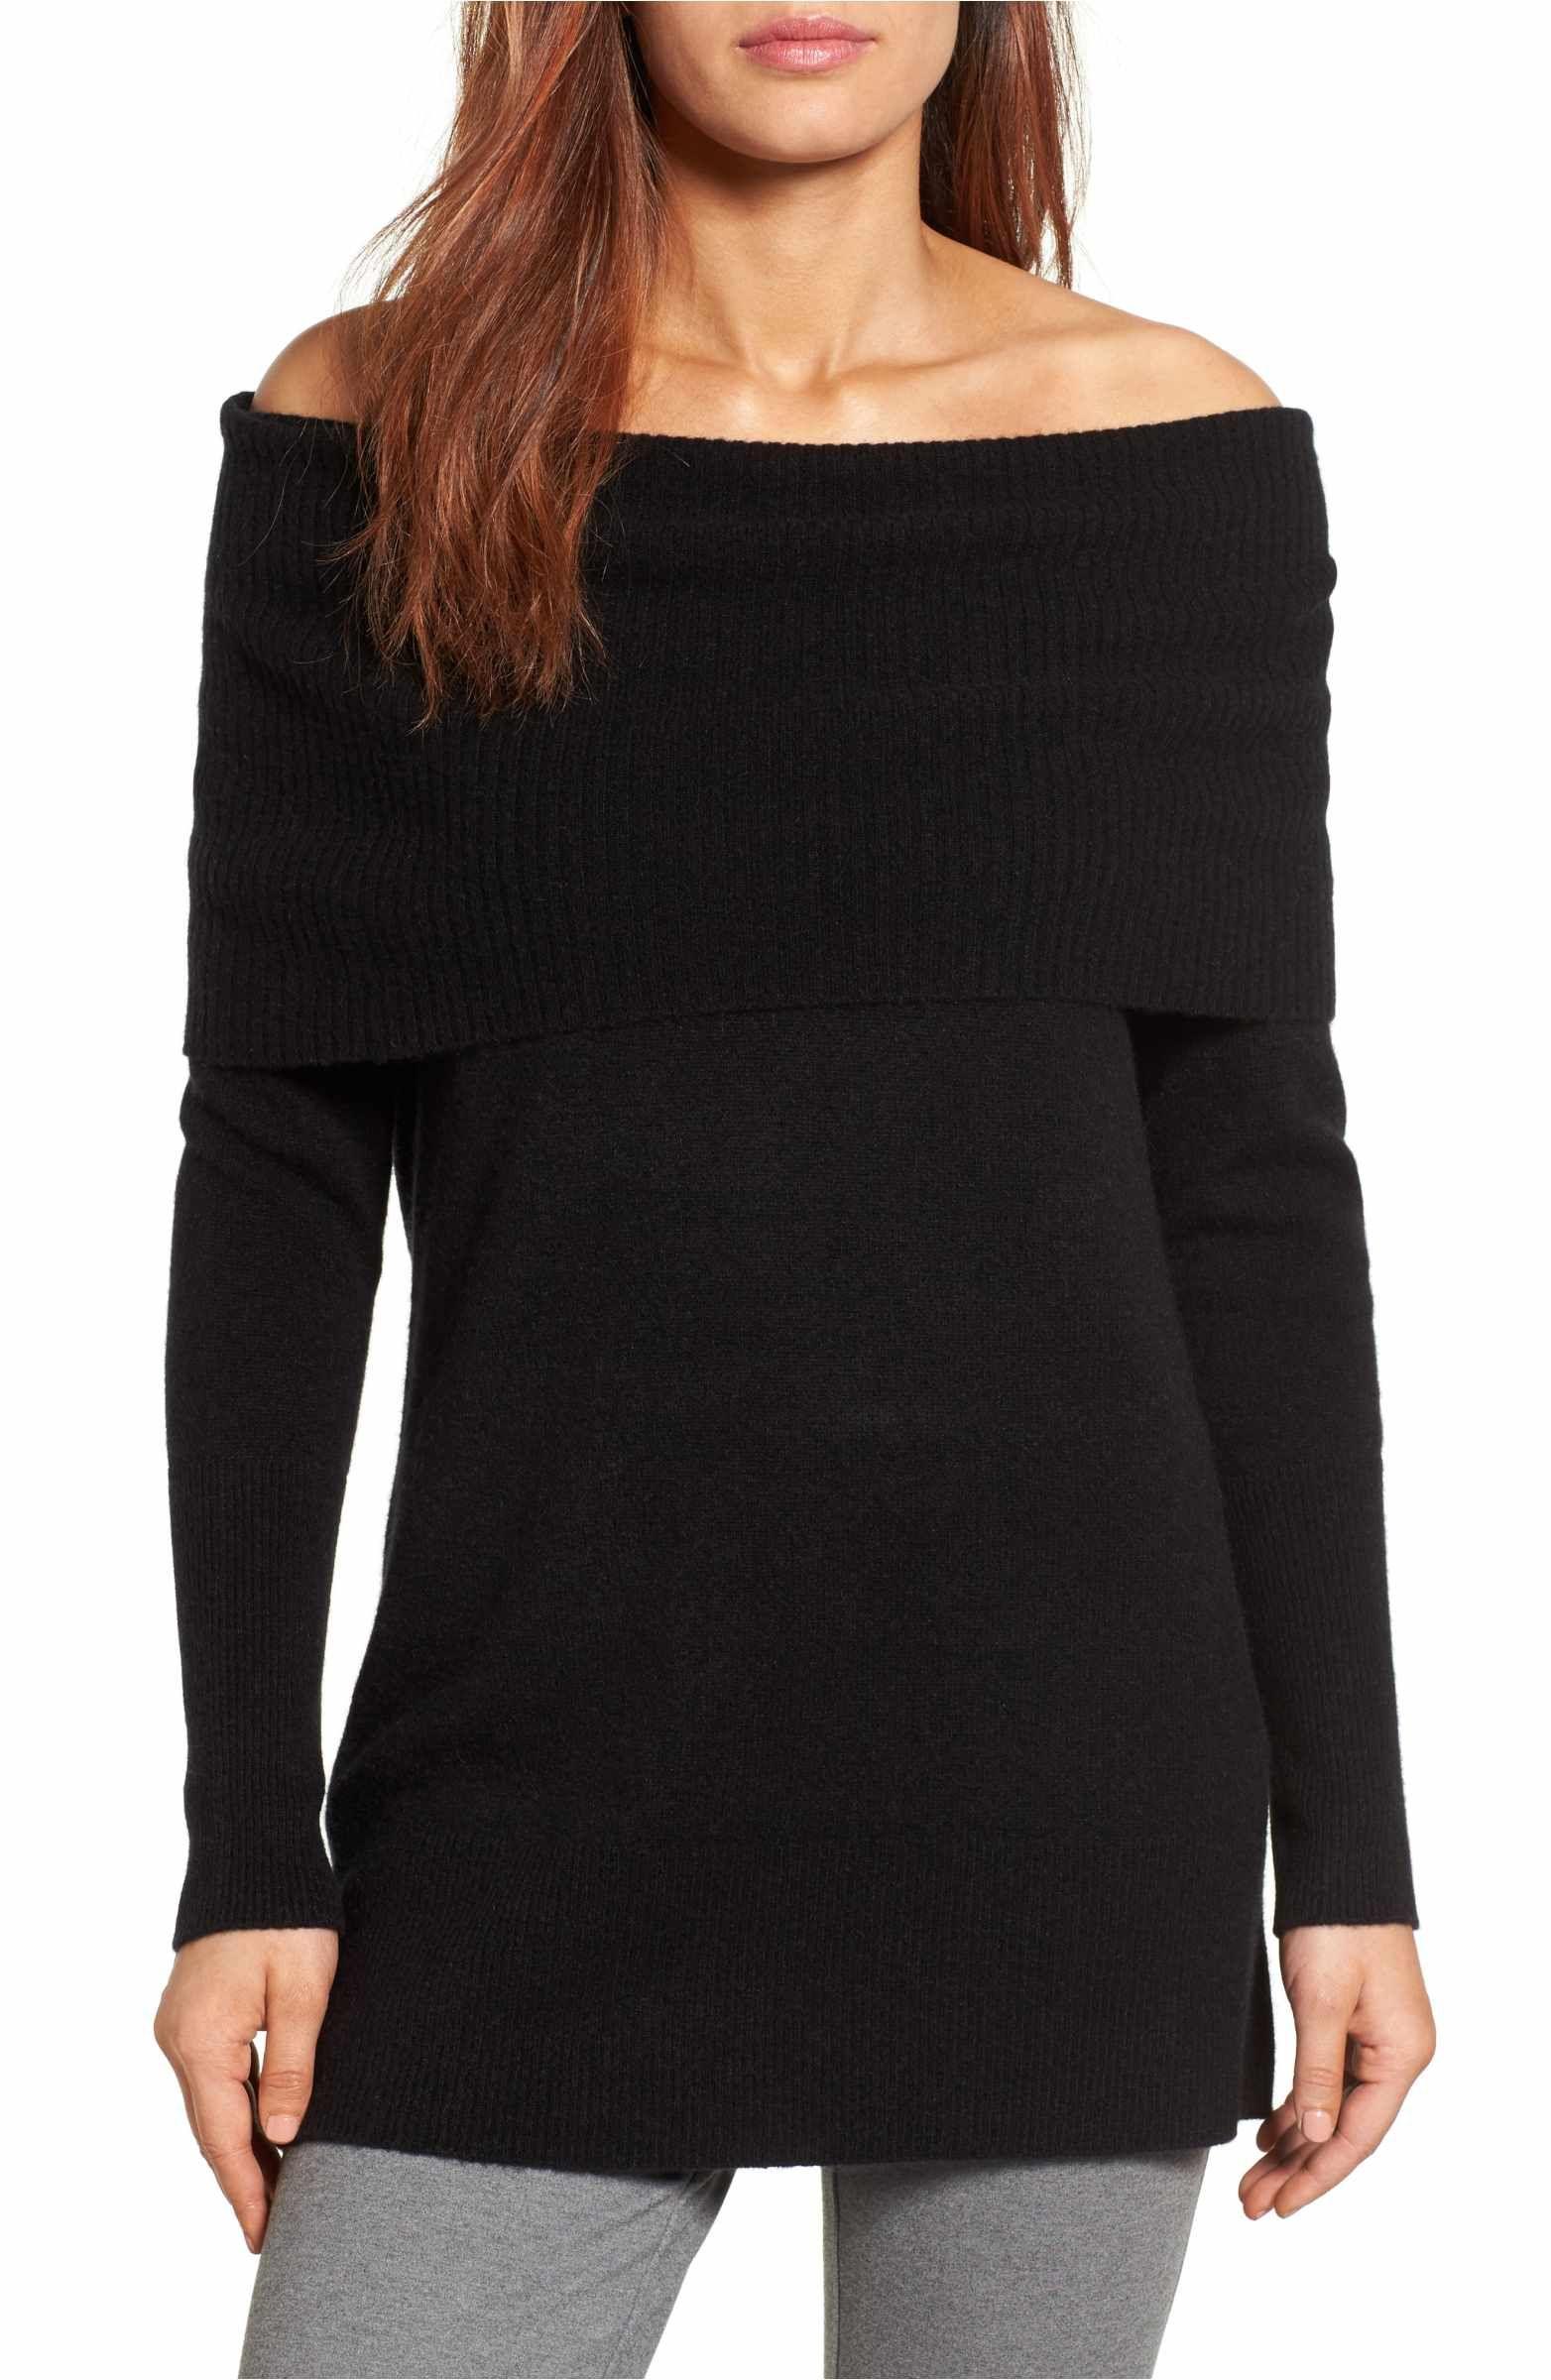 719083d5f7 Main Image - Halogen® Cashmere Off the Shoulder Sweater (Regular   Petite)